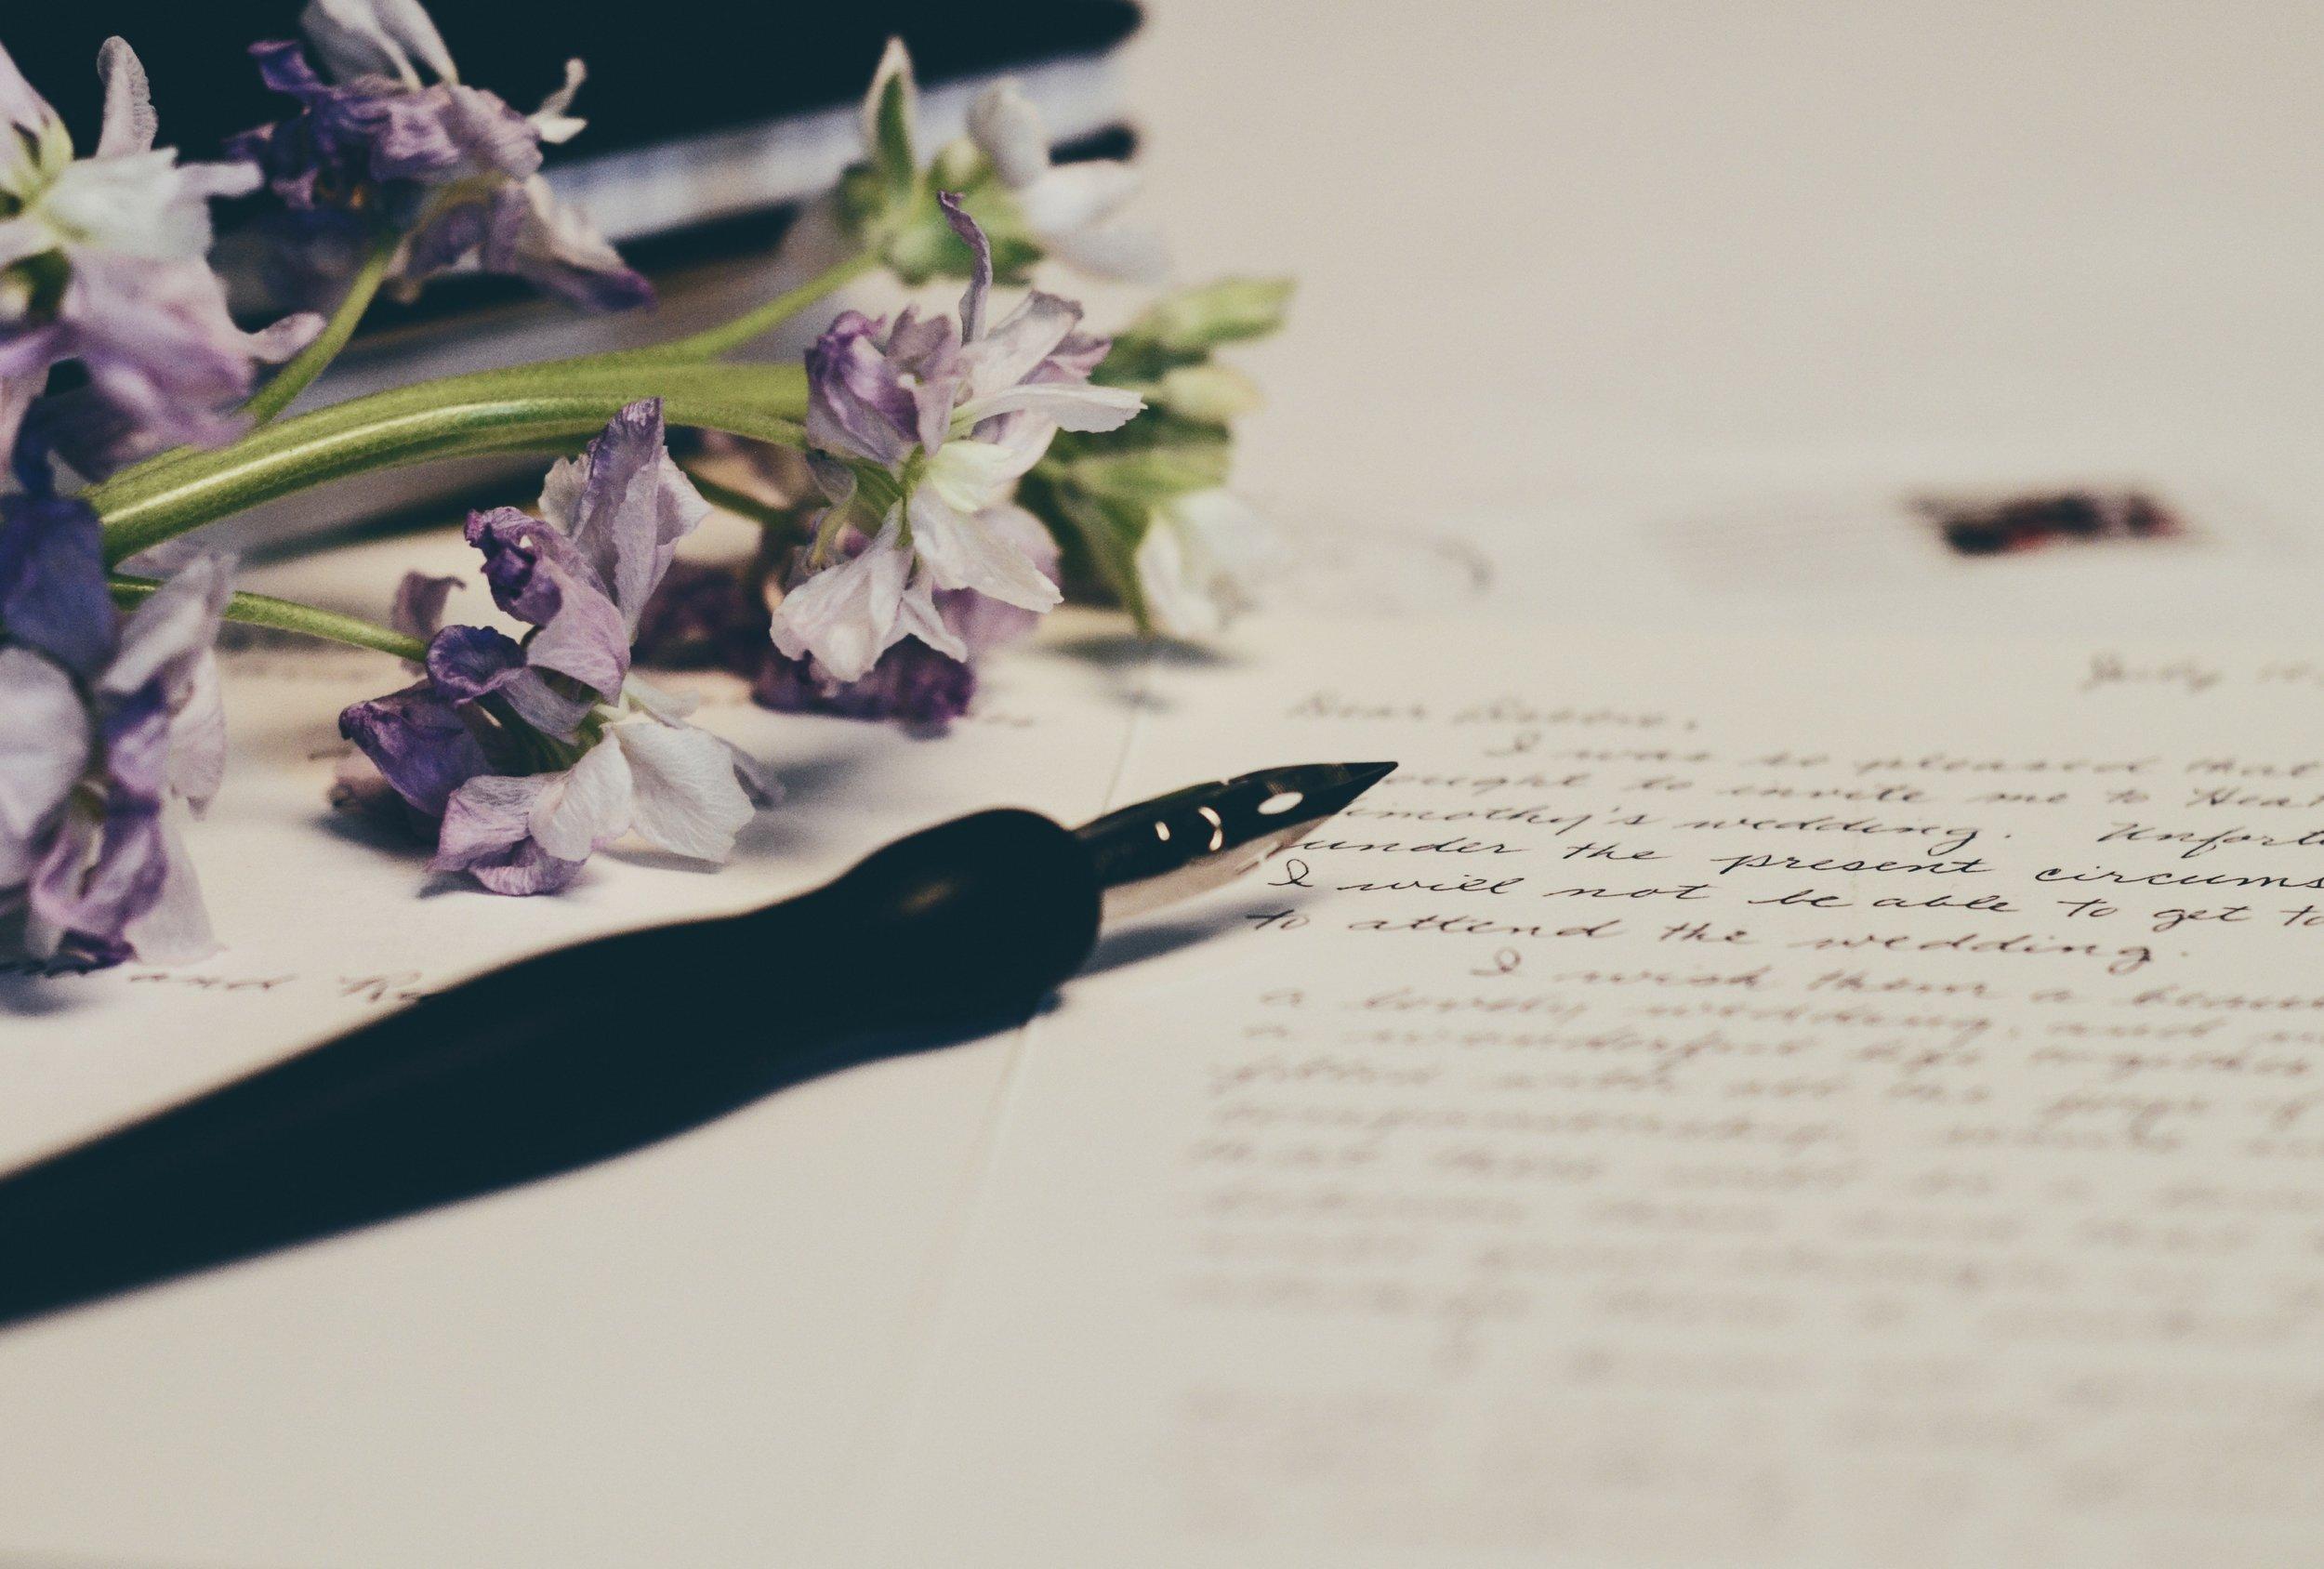 www.rrnoall.com-who-are-you-writing-for?-I-write-blog